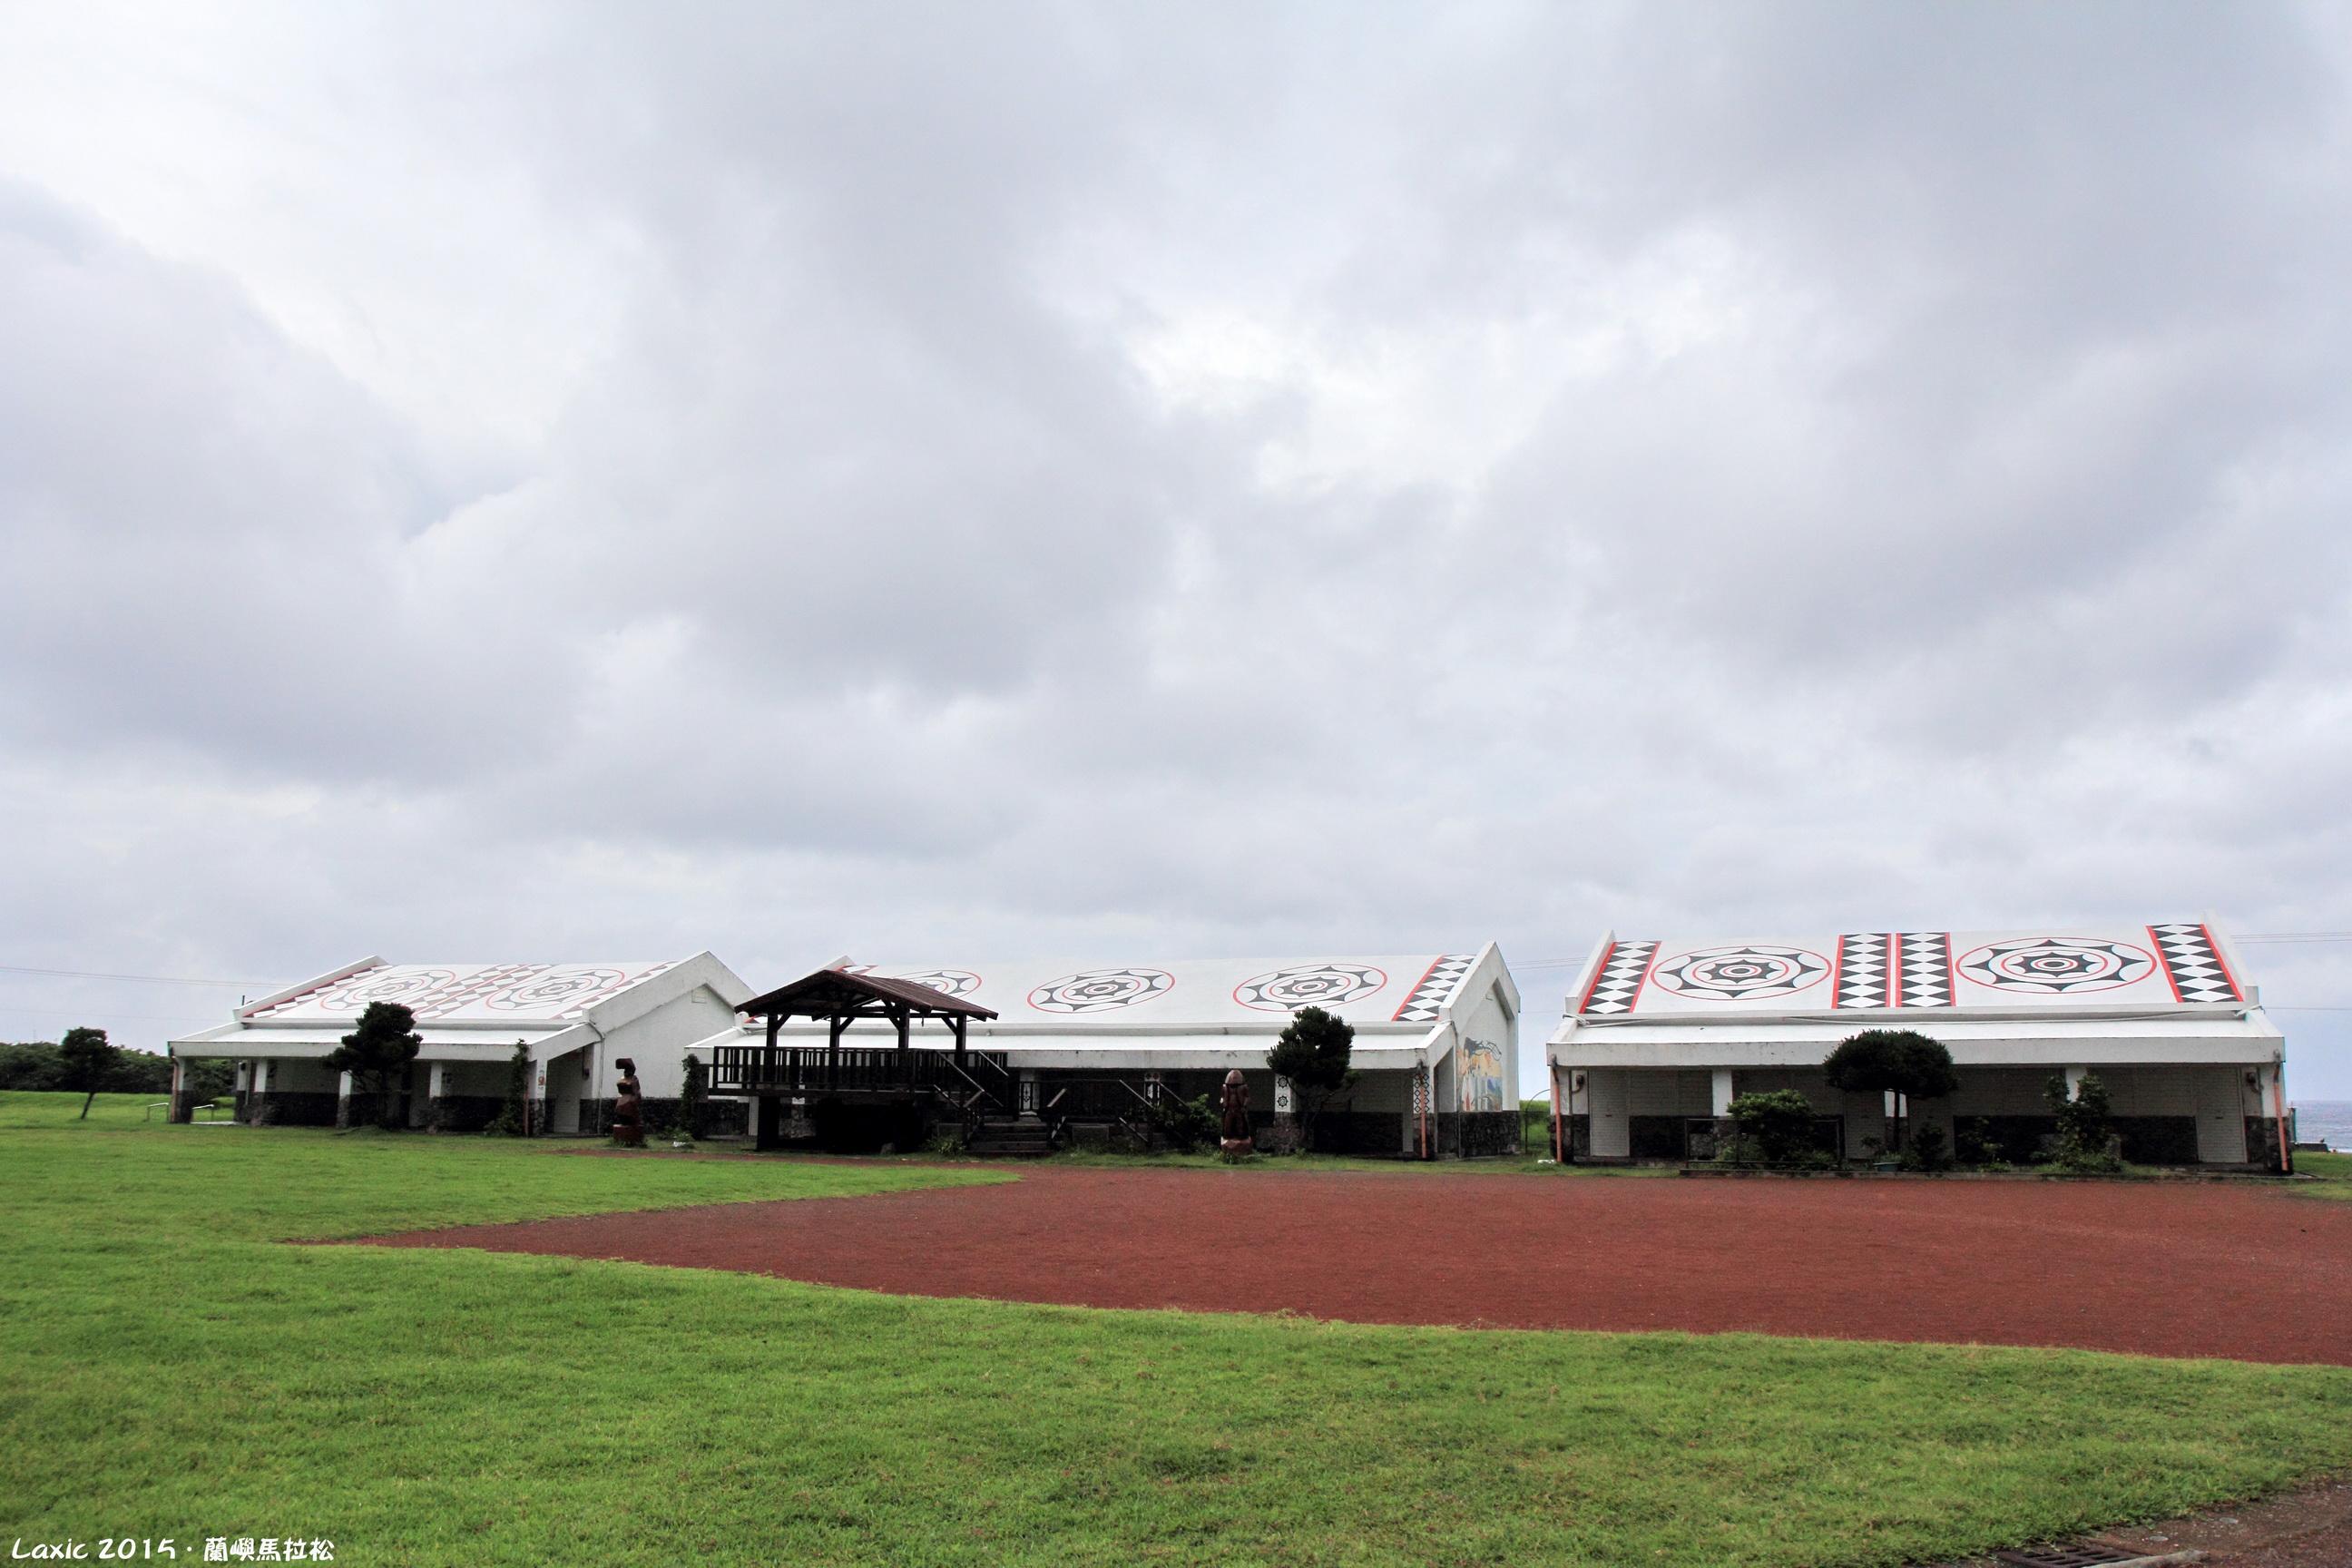 2015.05 蘭嶼馬拉松